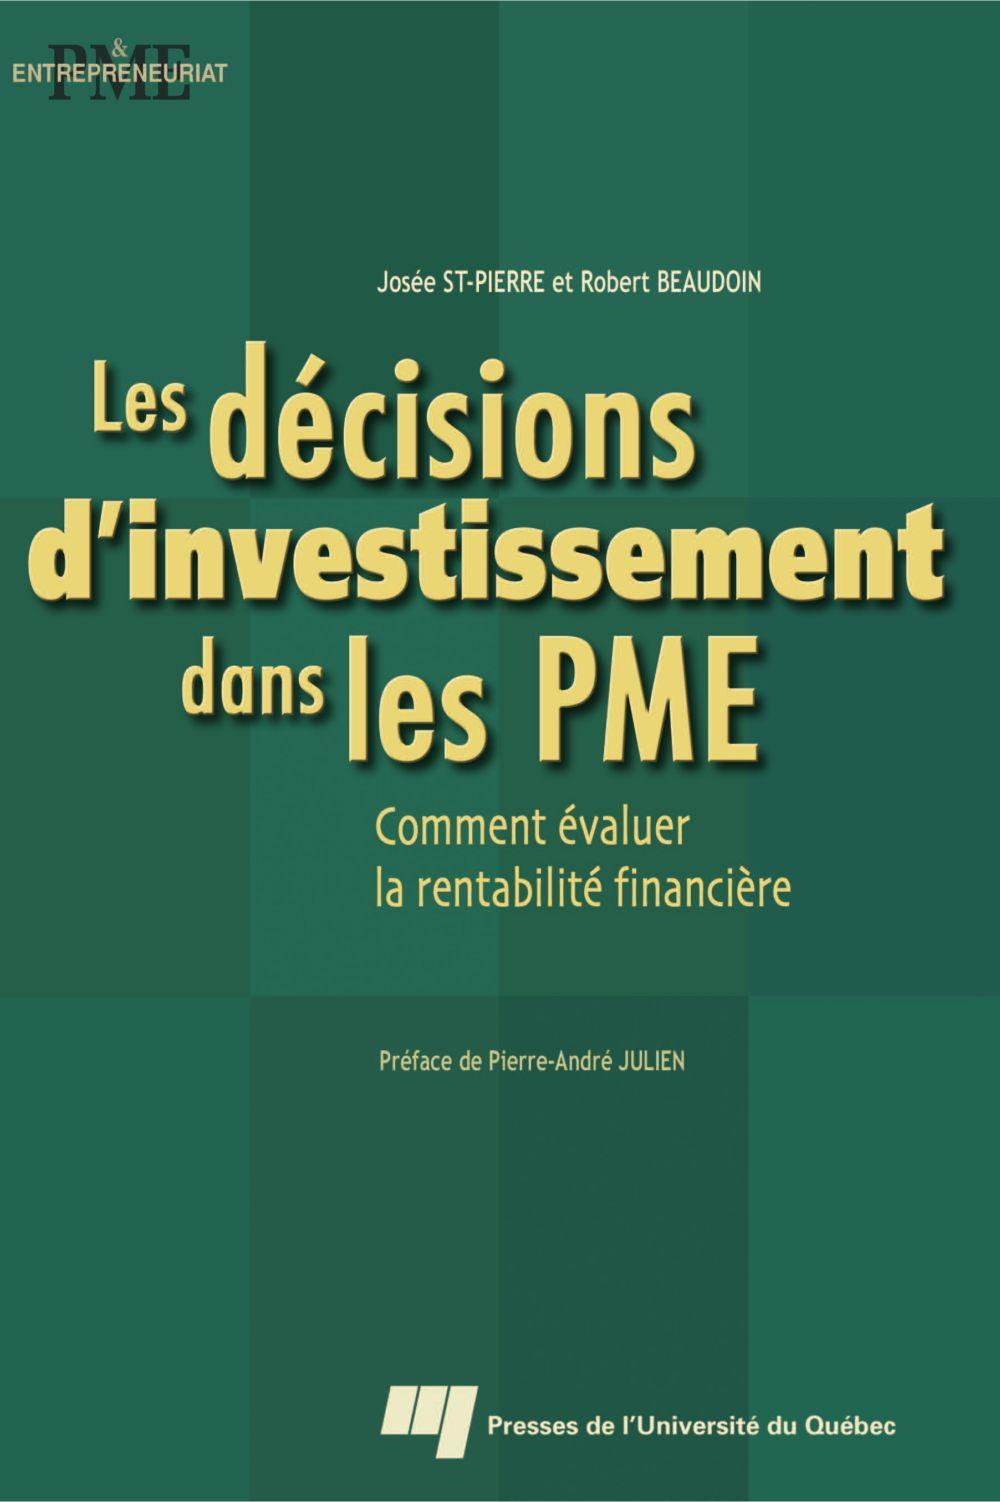 Les décisions d'investissement dans les PME